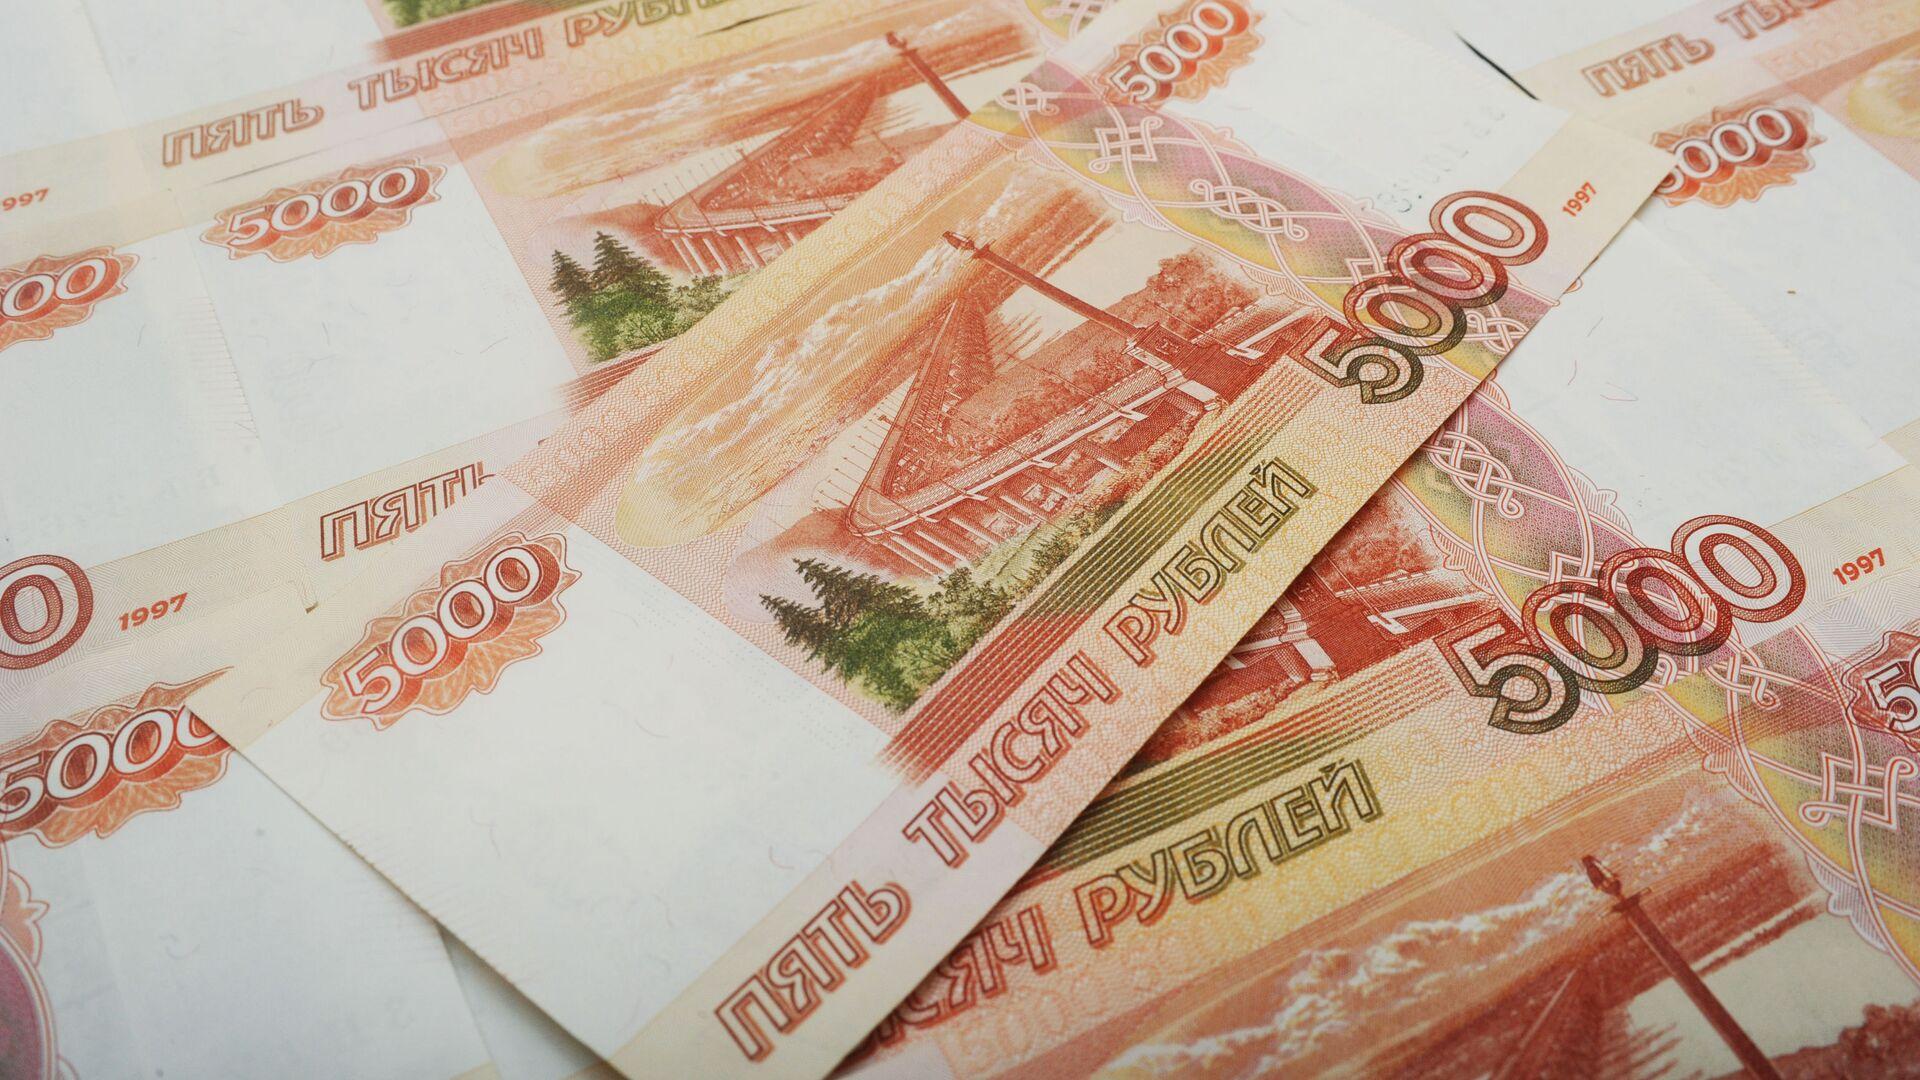 Банкноты номиналом 5000 рублей - РИА Новости, 1920, 24.03.2021